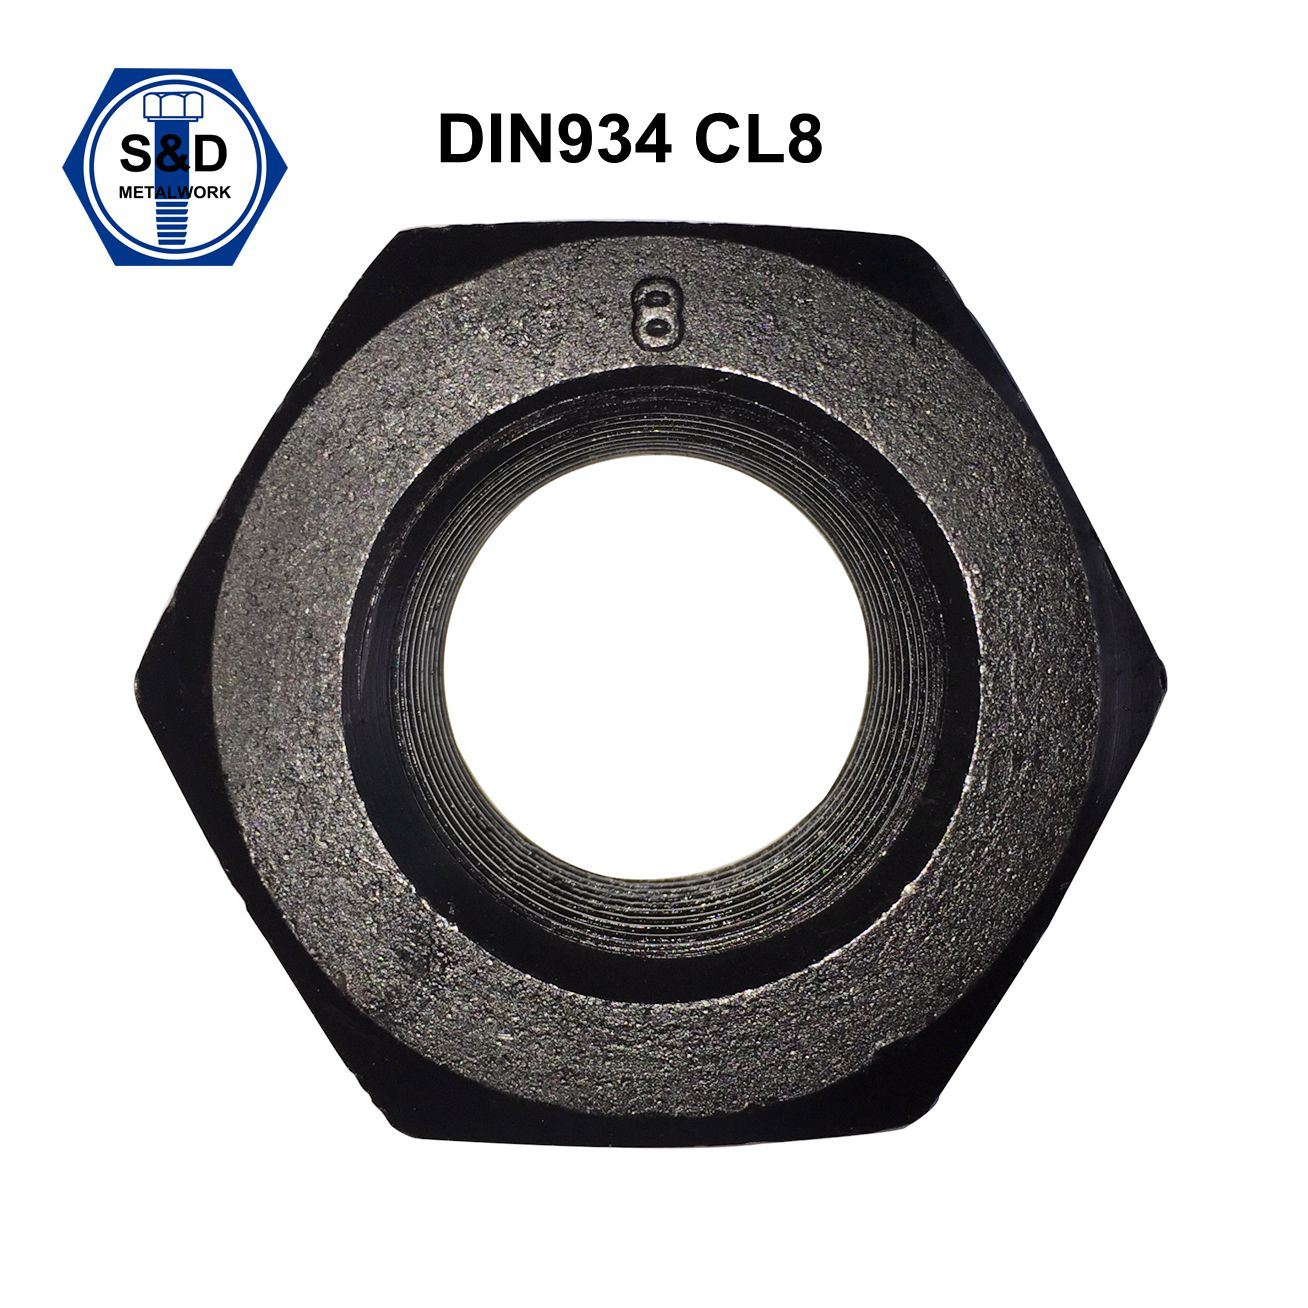 DIN934 Hex Nuts Class8 Black Finish